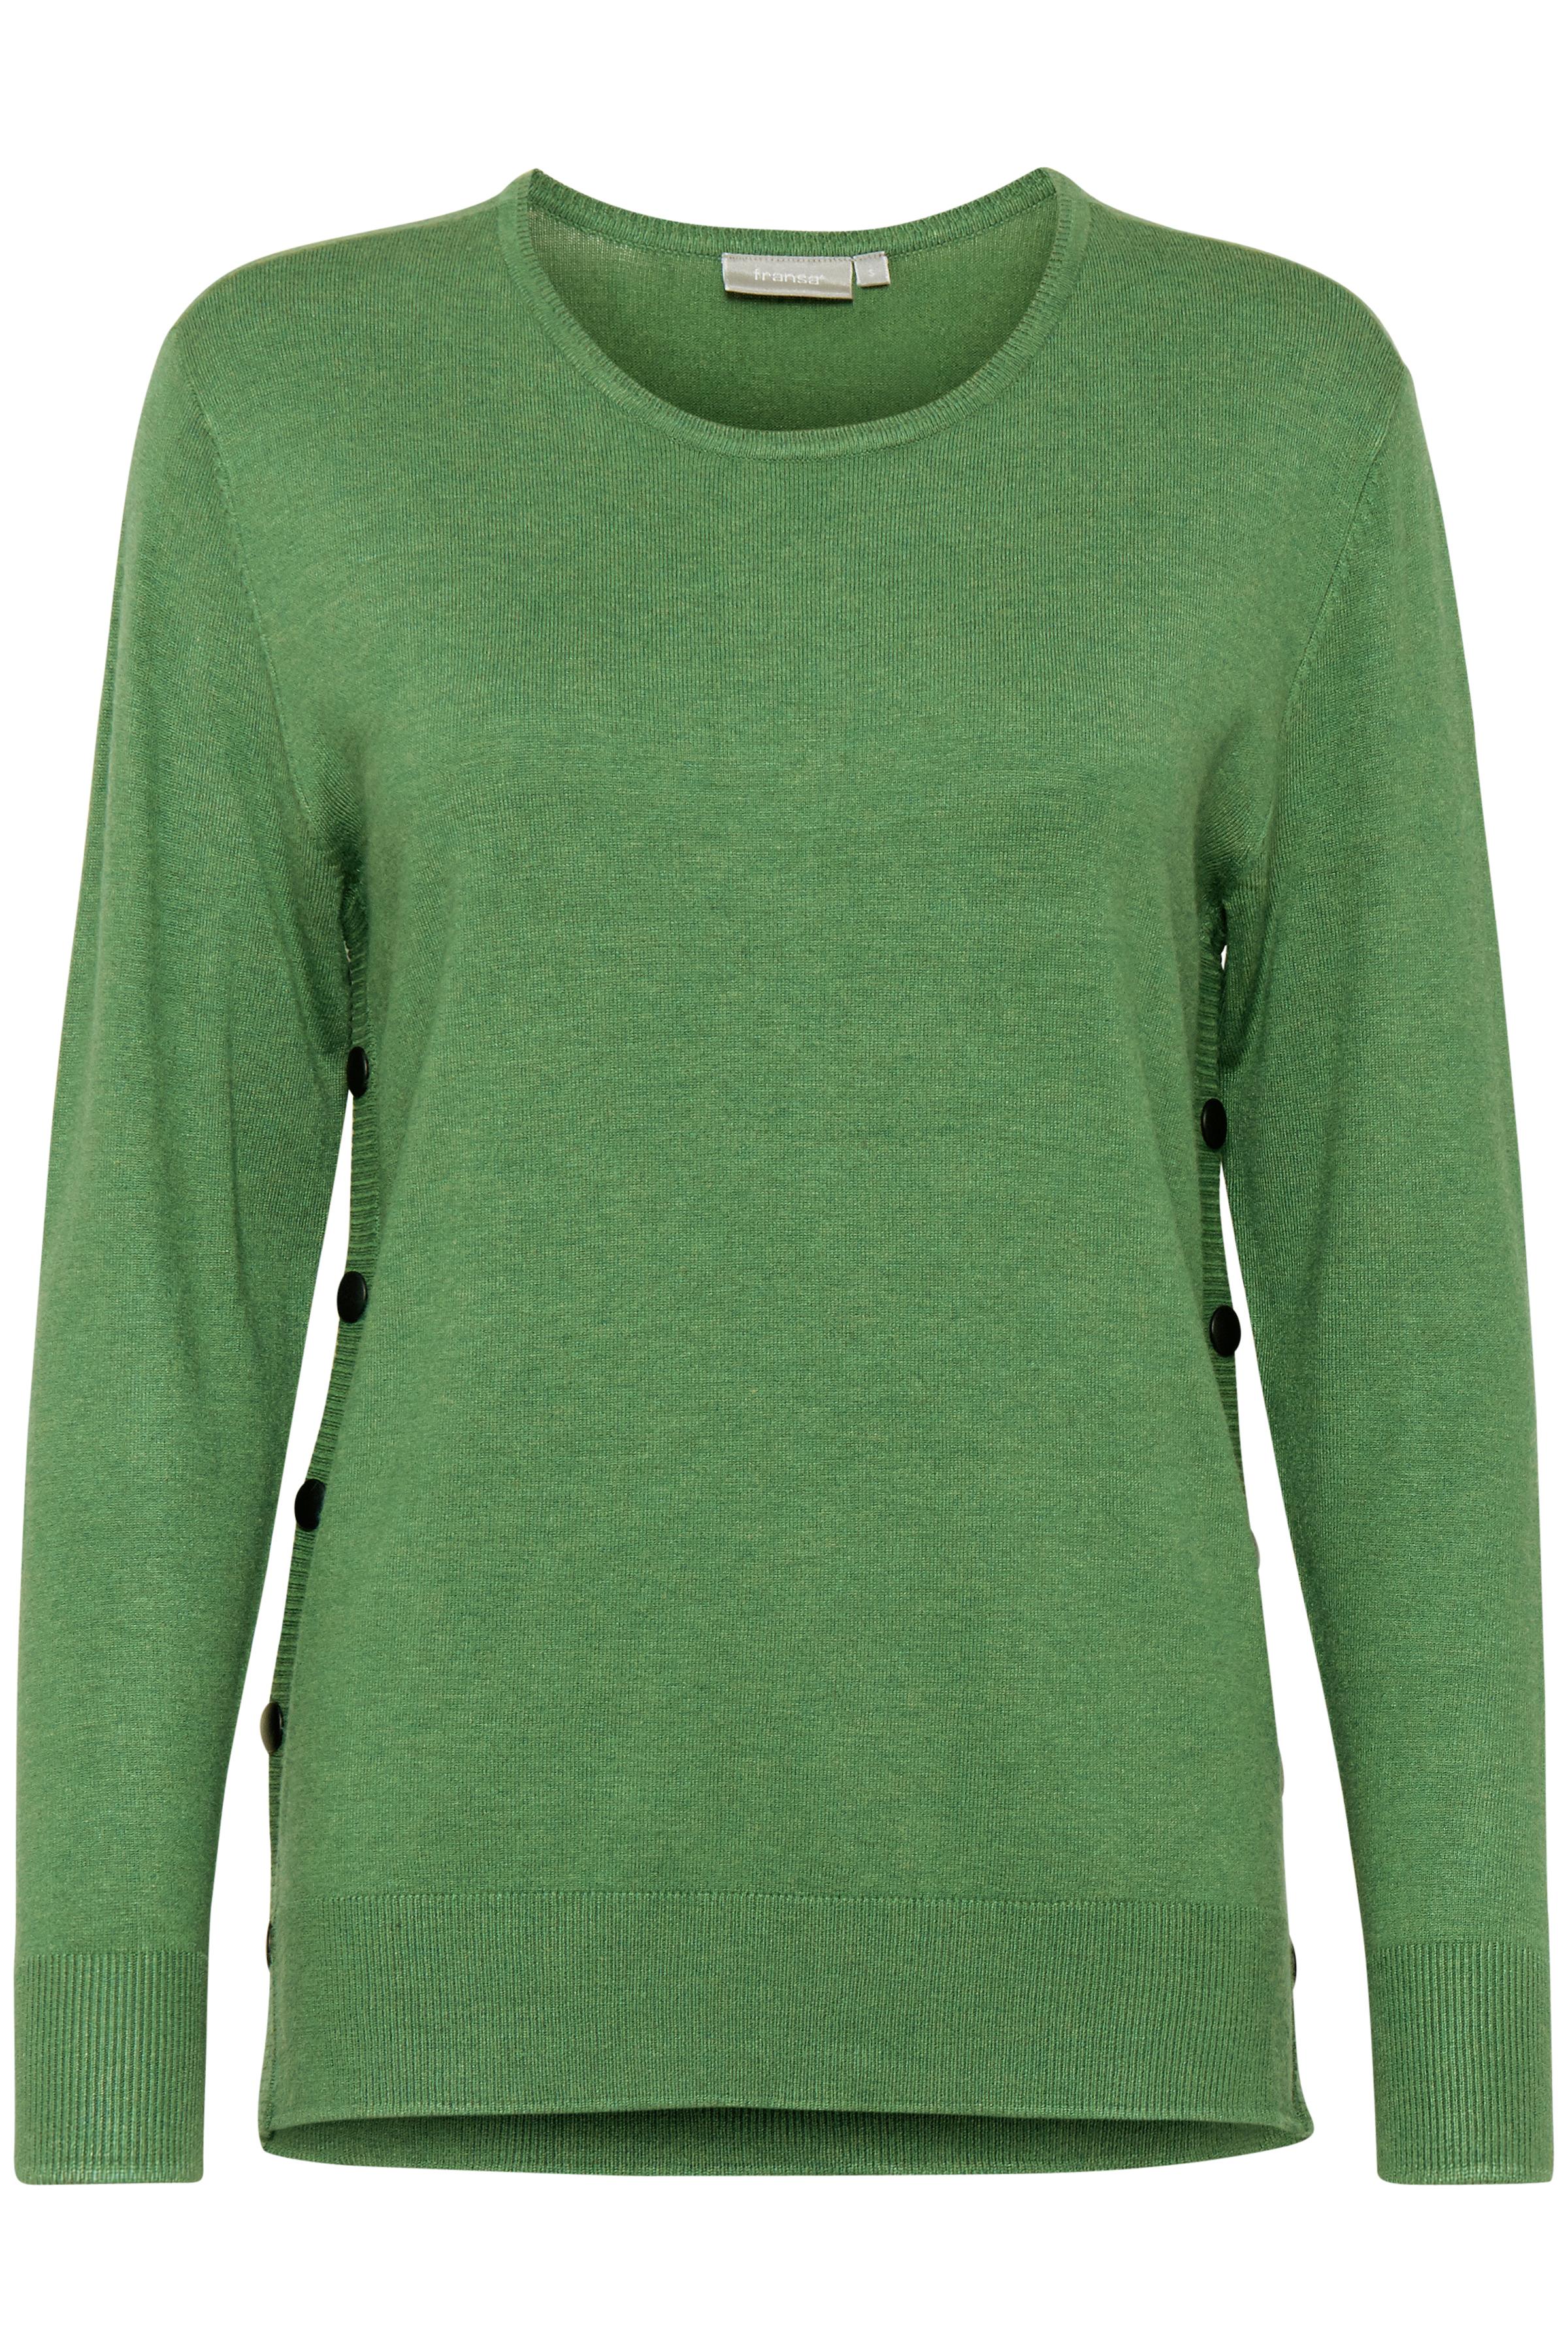 Grün meliert Strickpullover von Fransa – Shoppen Sie Grün meliert Strickpullover ab Gr. XS-XXL hier